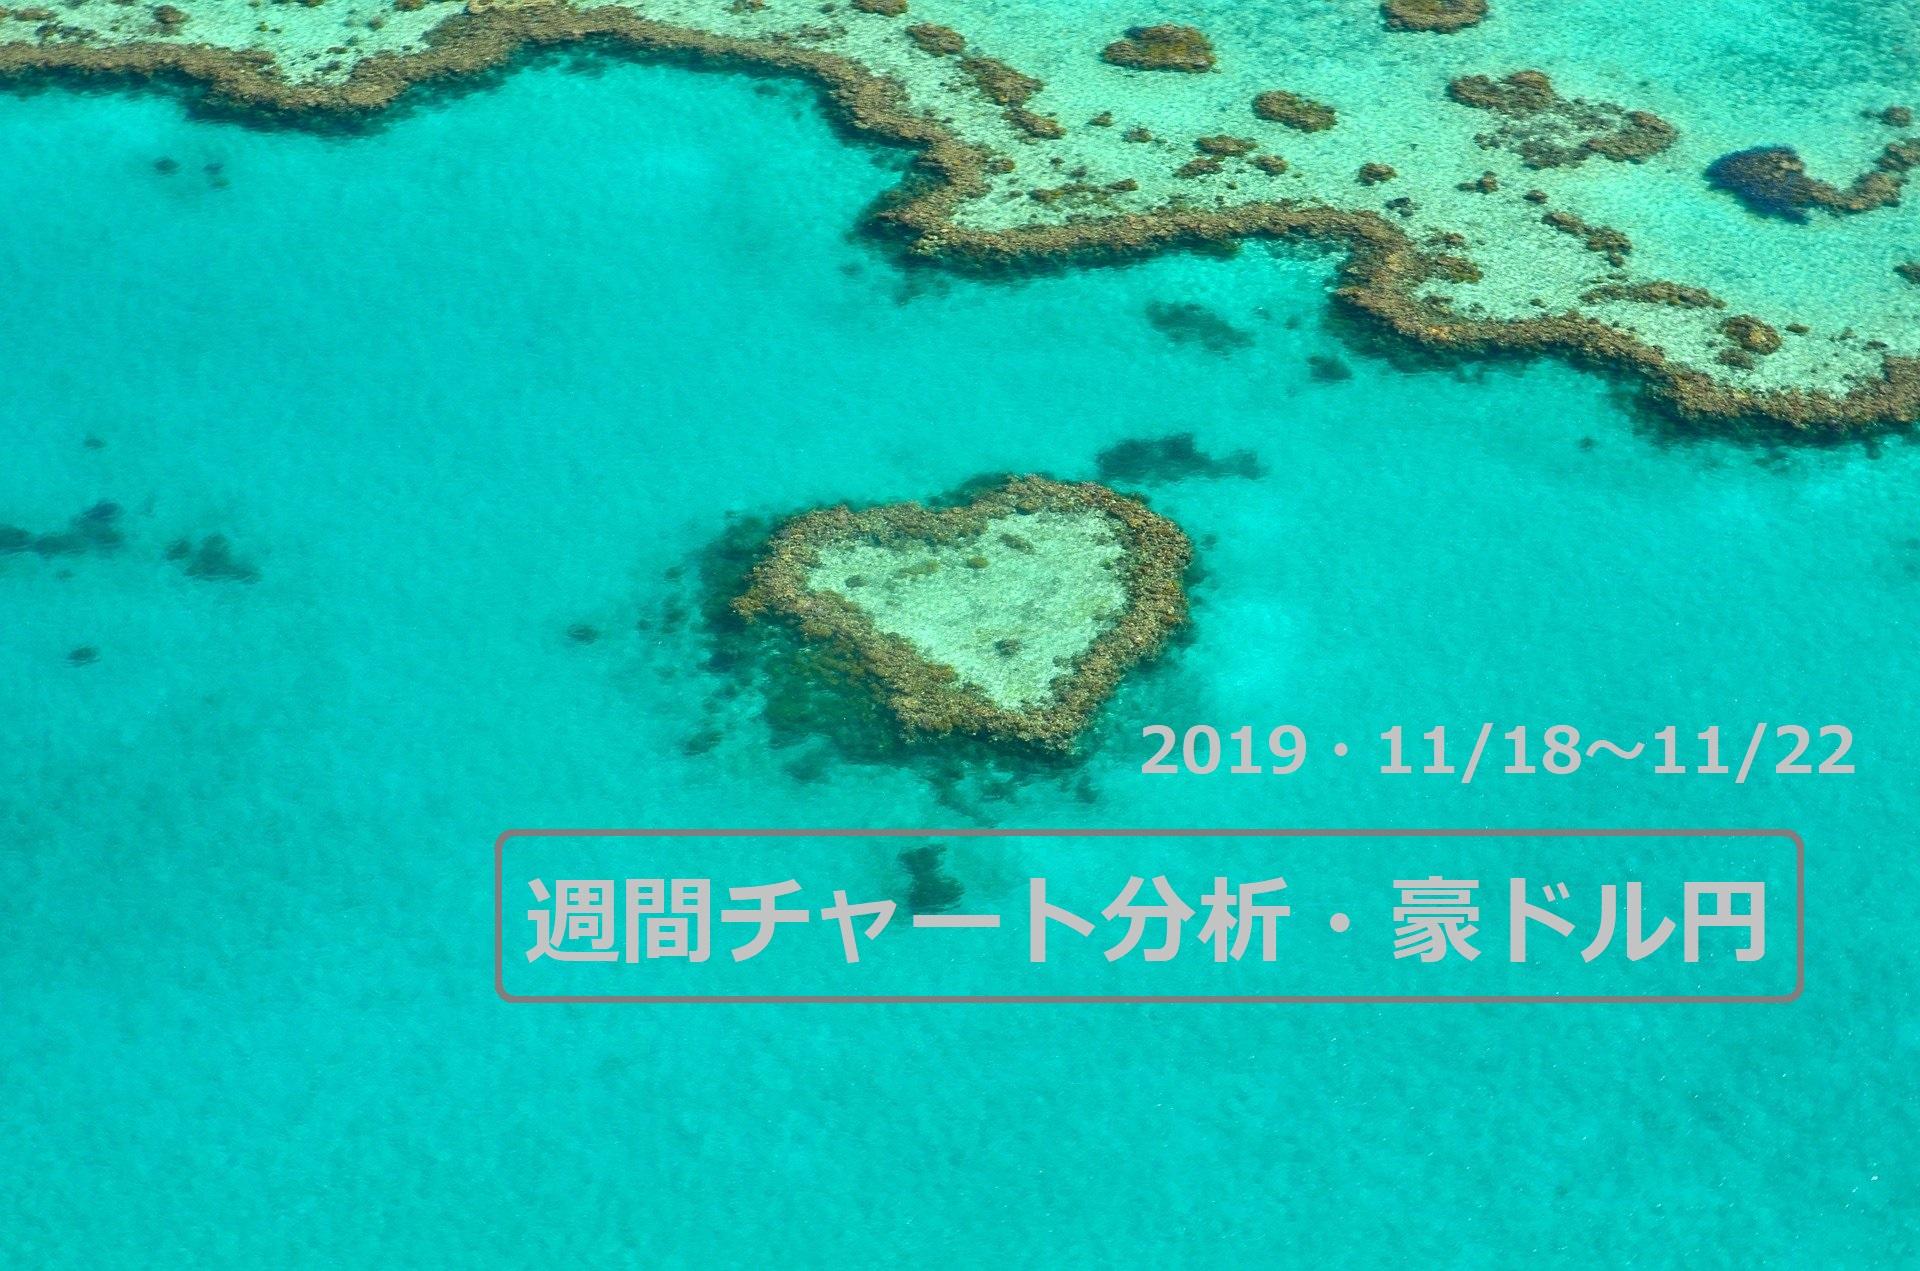 【FX】週間チャート分析・豪ドル円【2019・11/18~11/22】